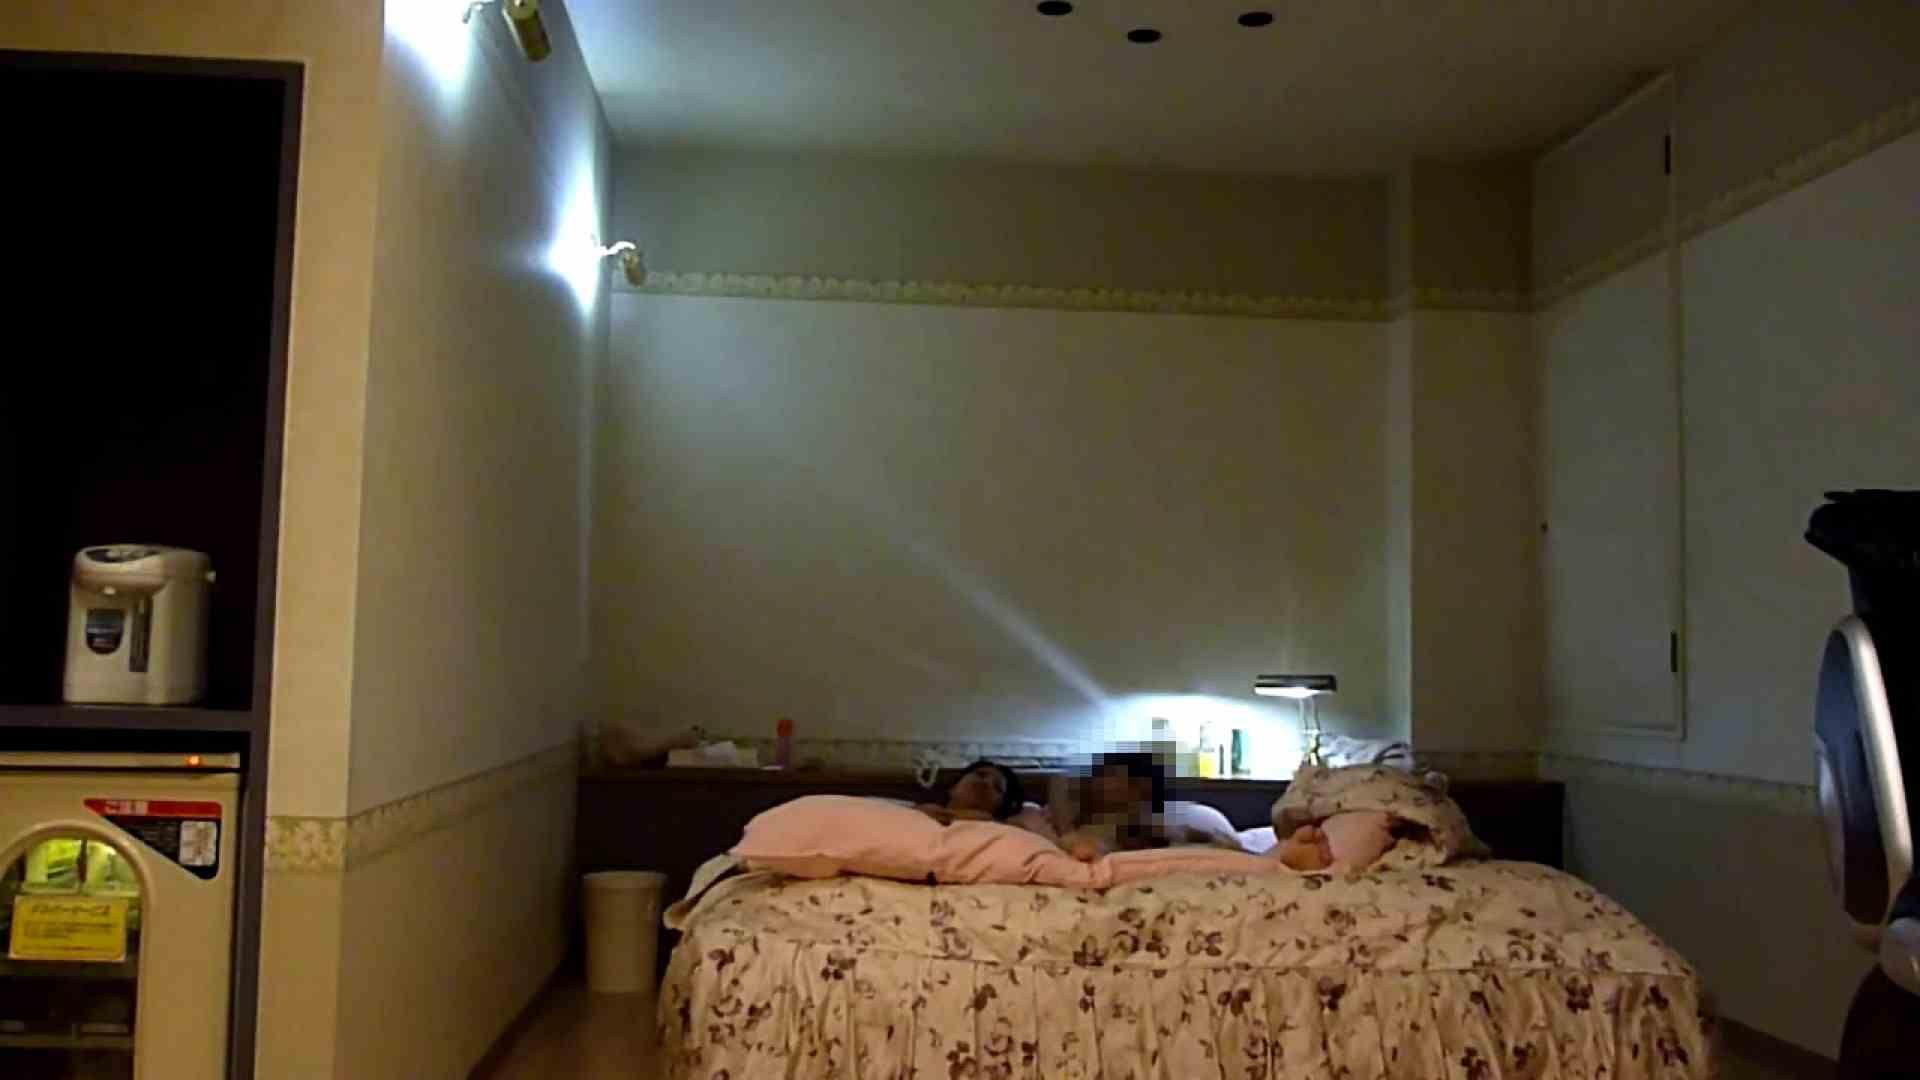 【完全素人投稿】誰にしようか!?やりチン健太の本日もデリ嬢いただきま~す!!12 素人  56pic 9